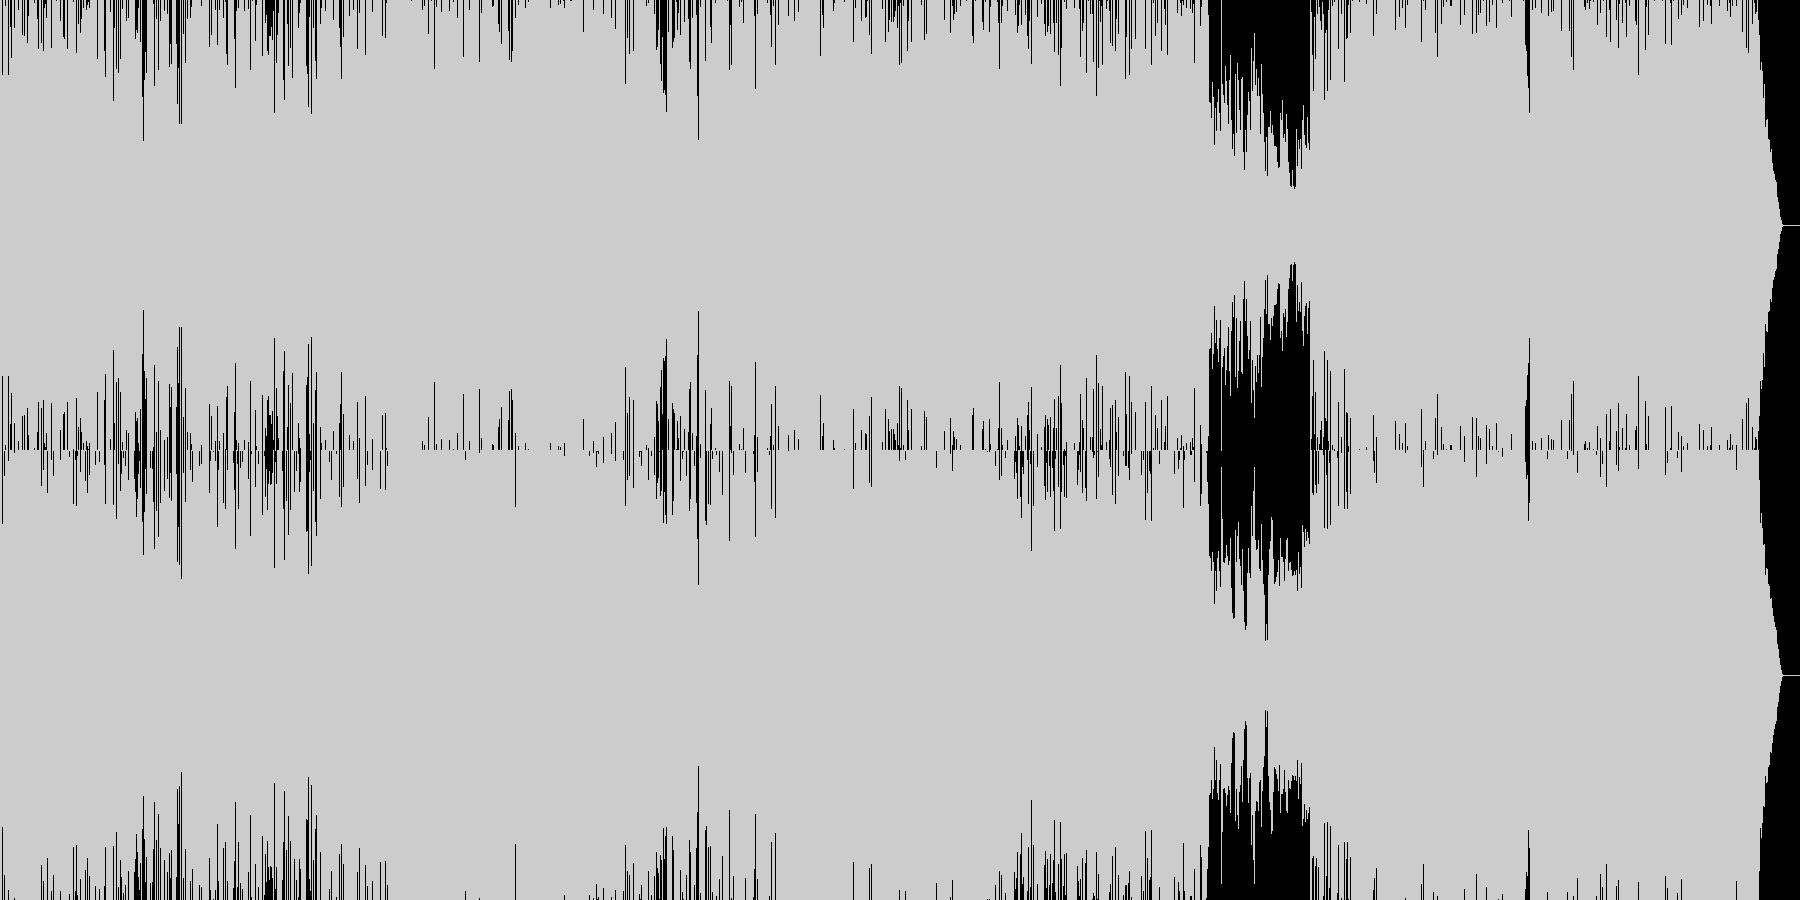 テンポの速いアコースティックギターロックの未再生の波形